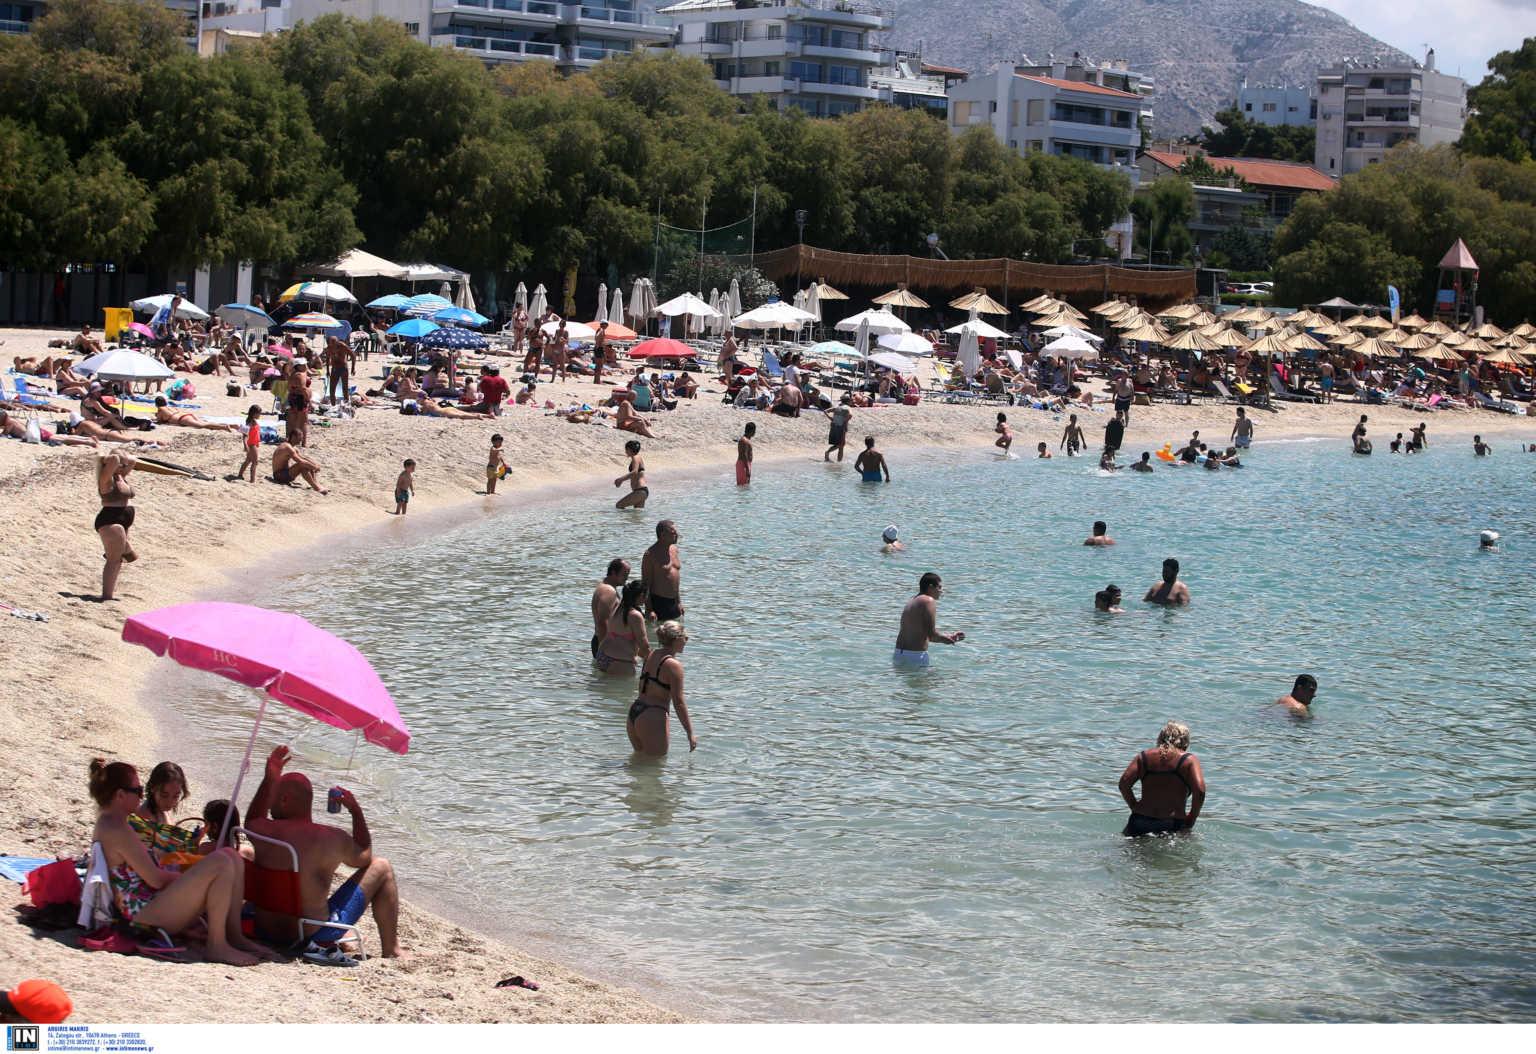 Κορονοϊός: Ο δεκάλογος των φετινών διακοπών και οι τρεις πηγές ανησυχίας